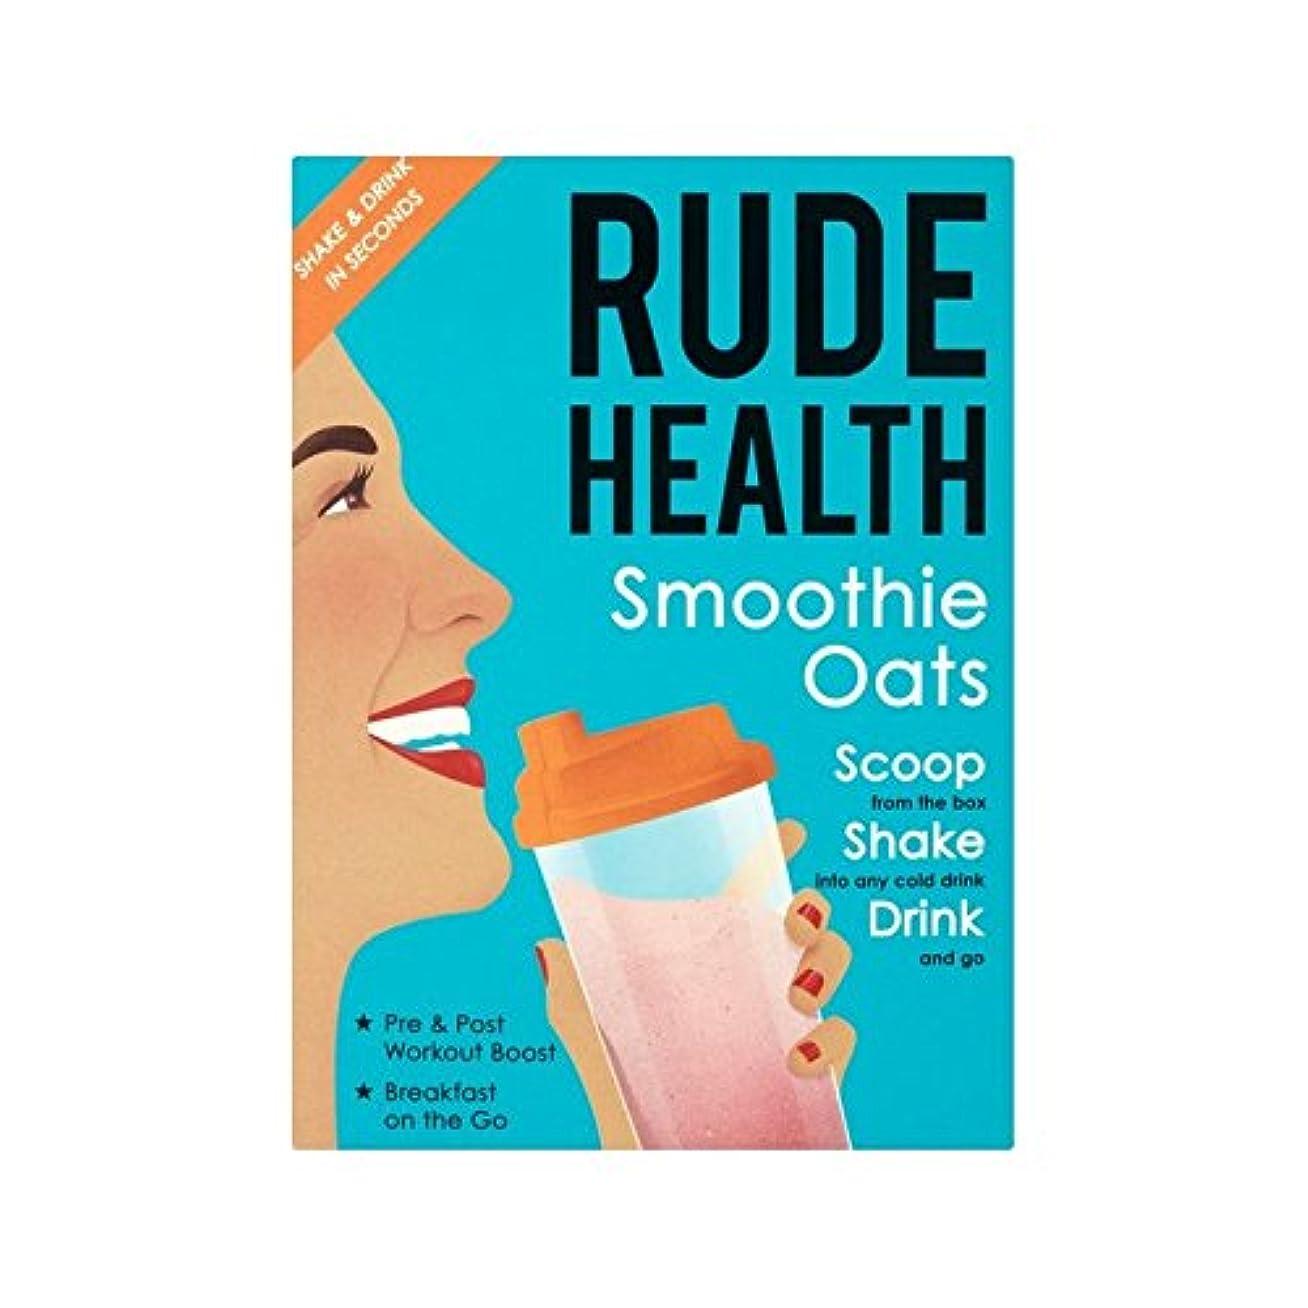 背骨法律によりスキャンダラススムージーオート麦250グラム (Rude Health) - Rude Health Smoothie Oats 250g [並行輸入品]